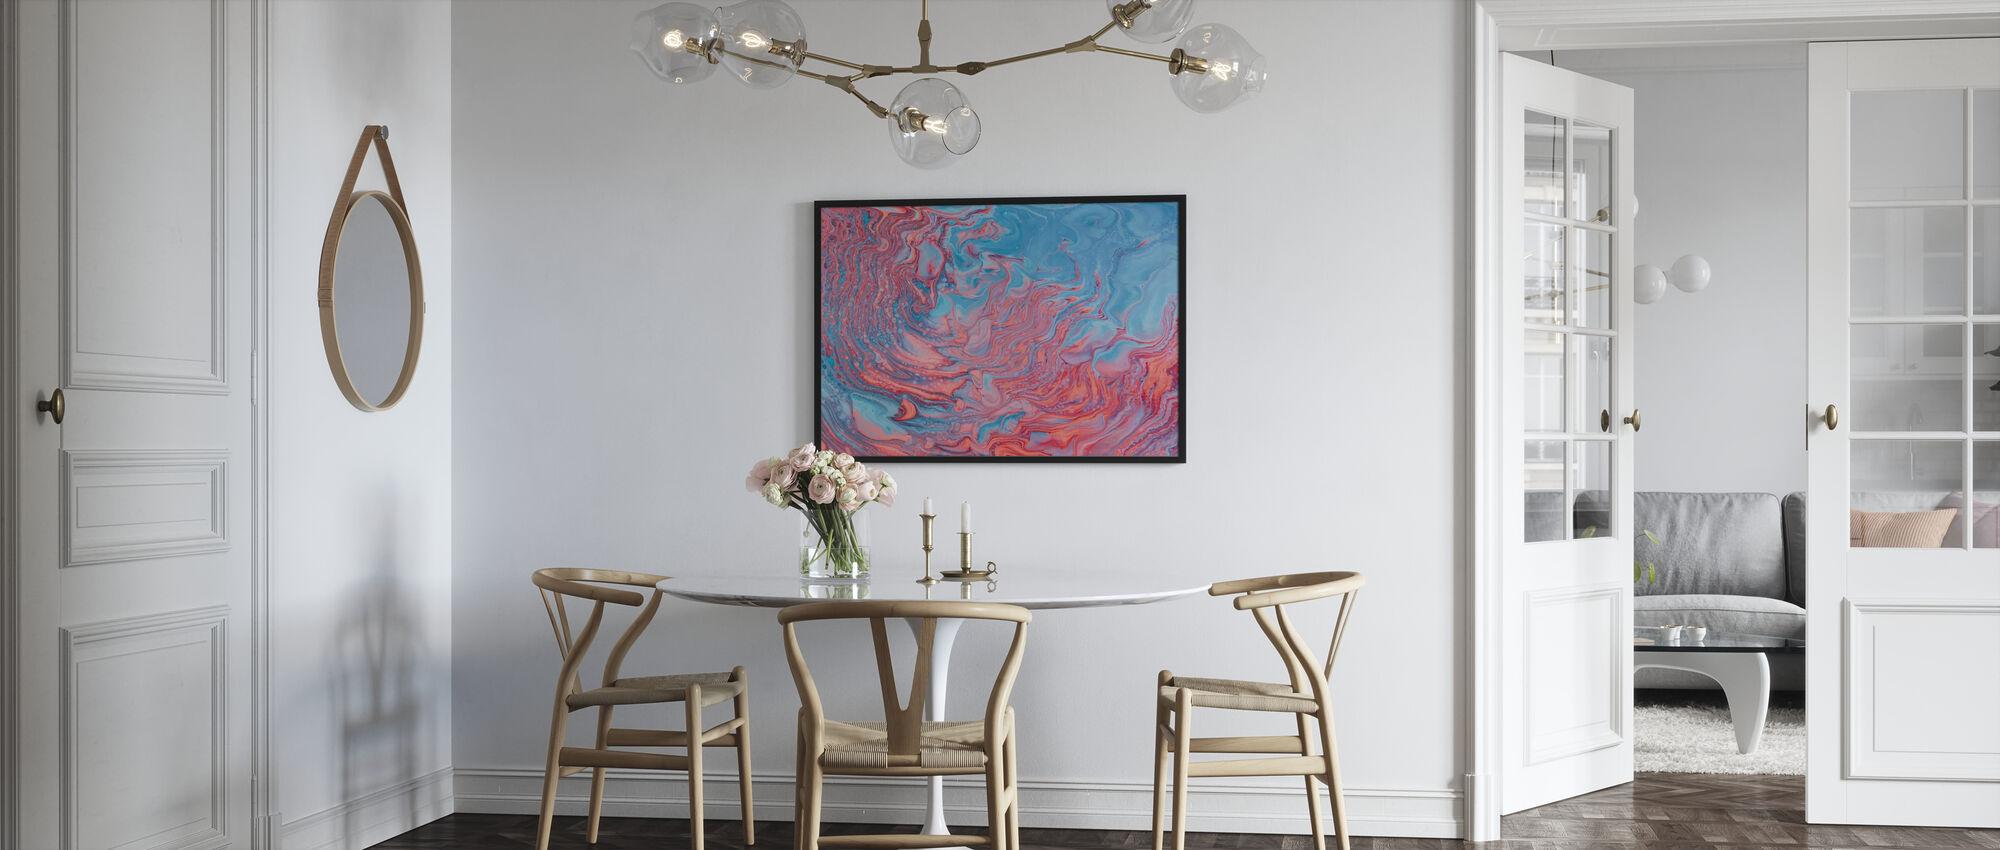 Abstract Schilderij - Poster - Keuken